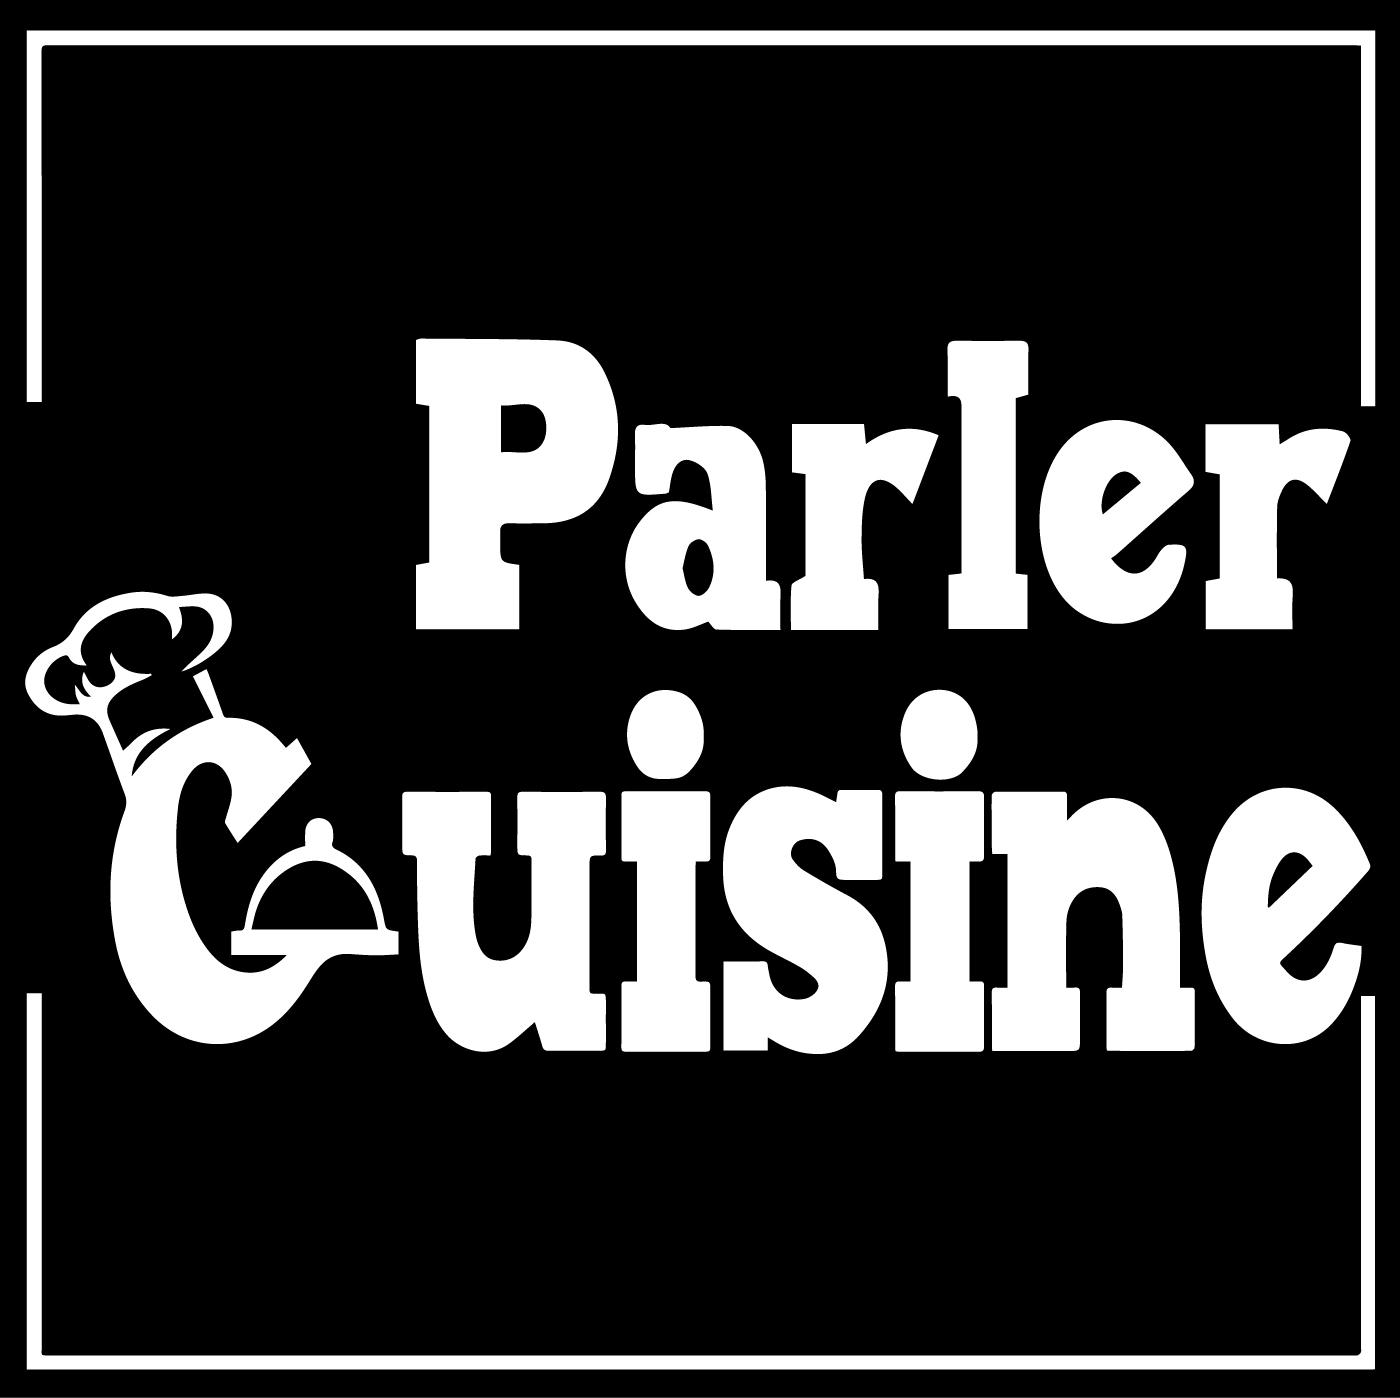 ParlerCuisine